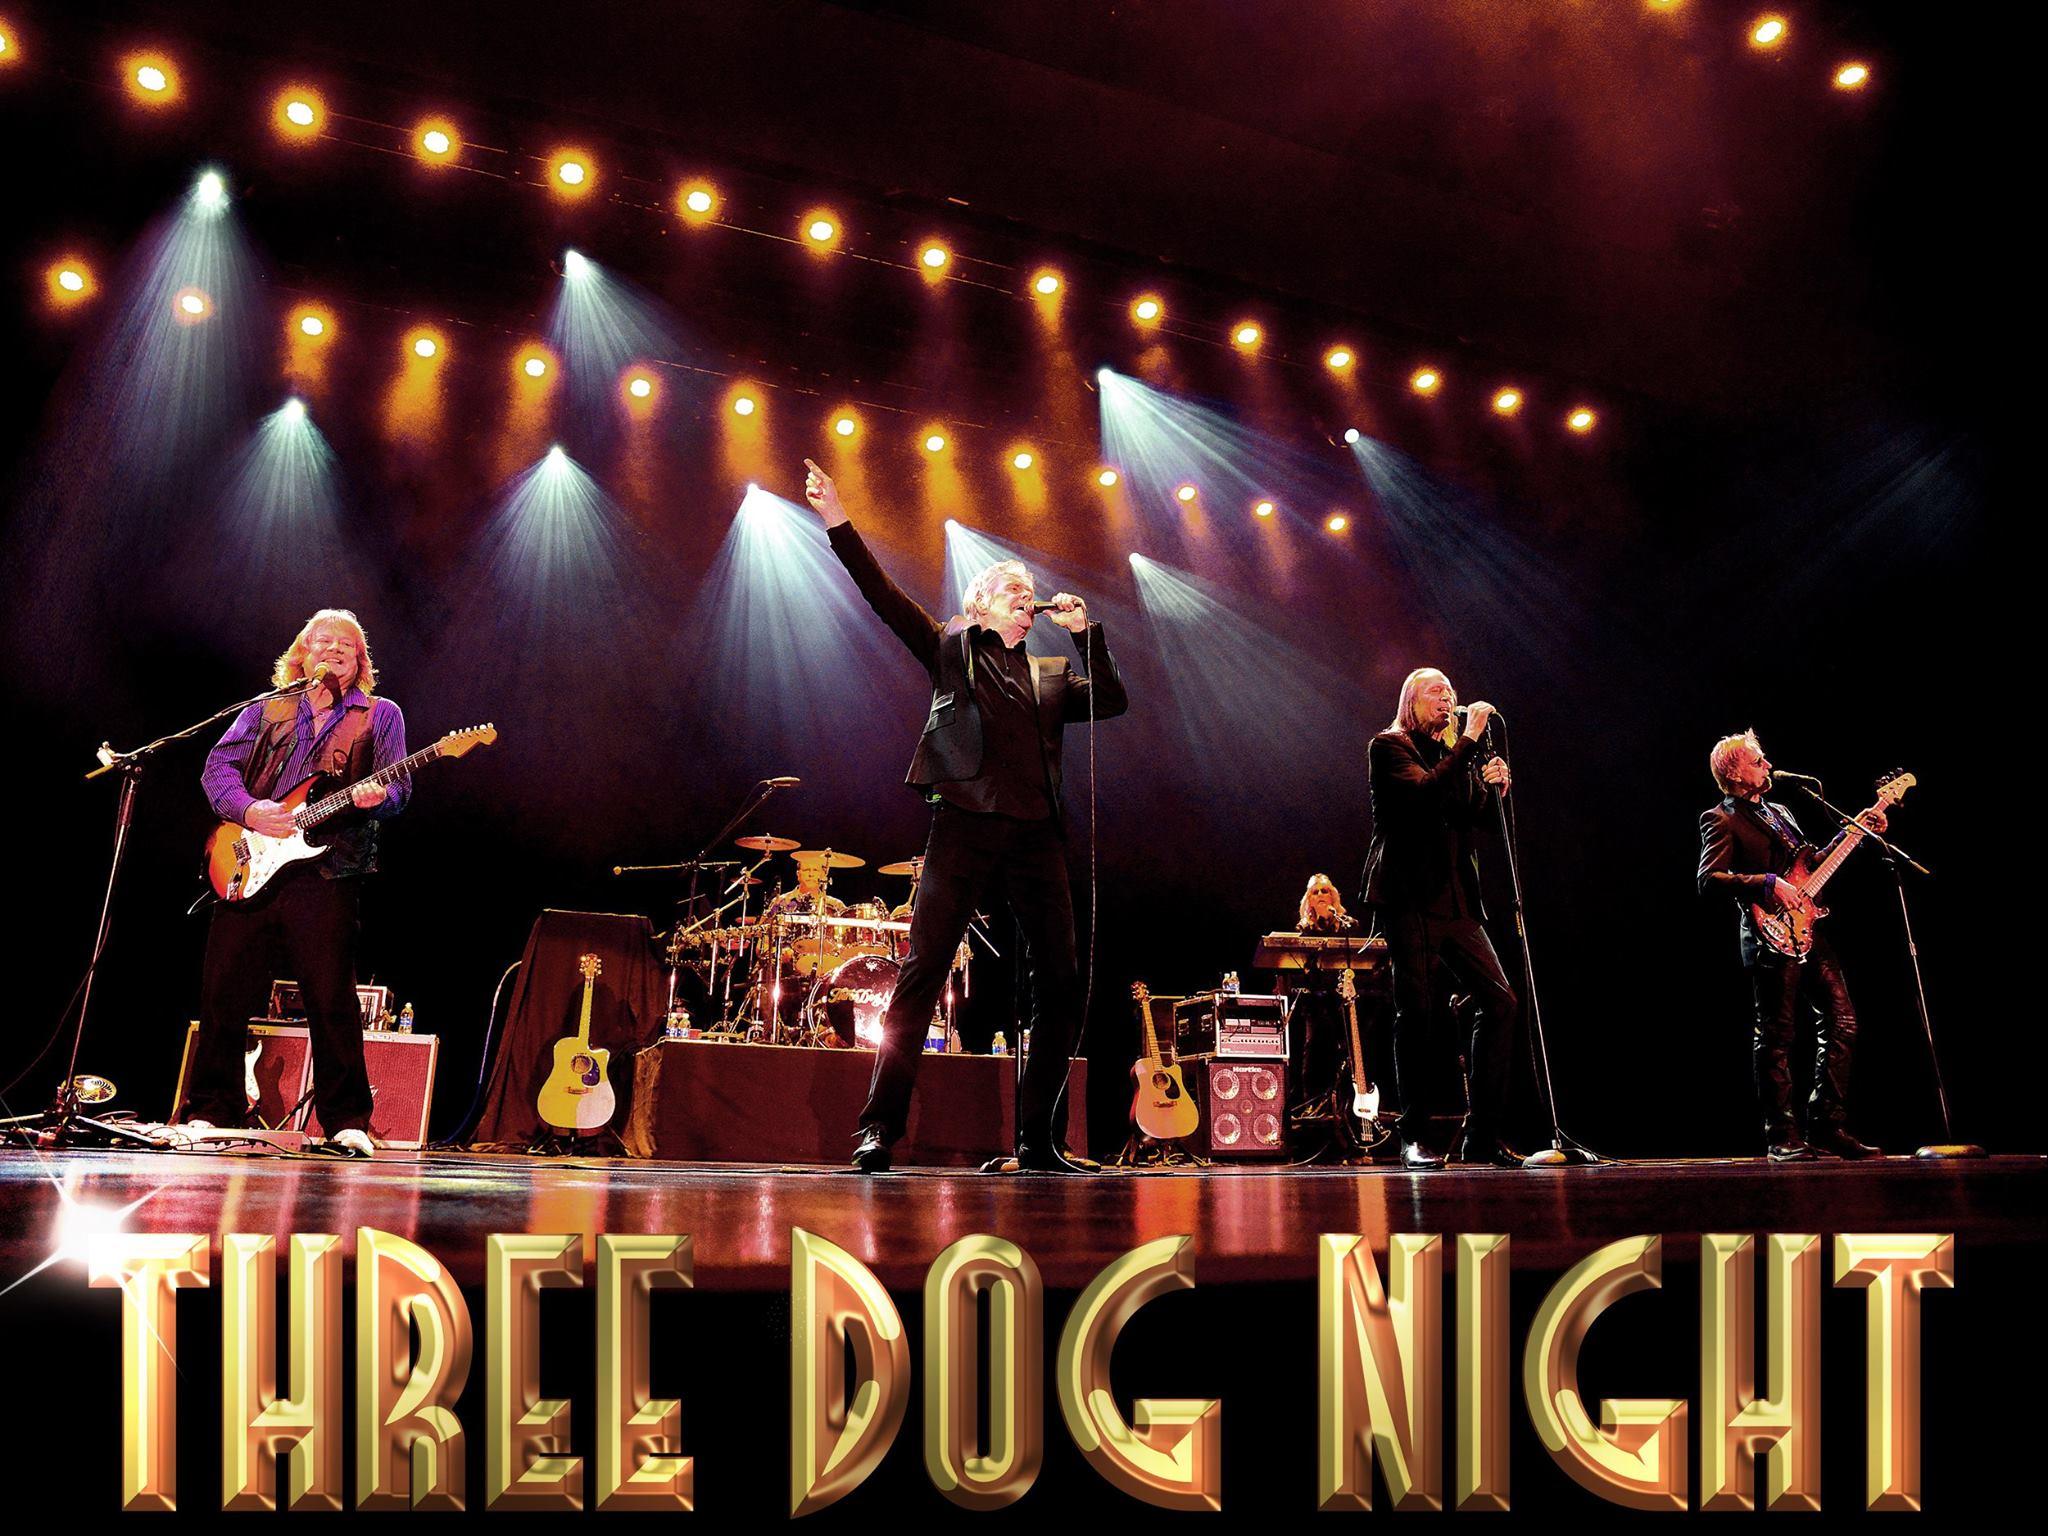 Three Dog Night Performing in Las Vegas, NV | 2016 Photo Courtesy of Three Dog Night